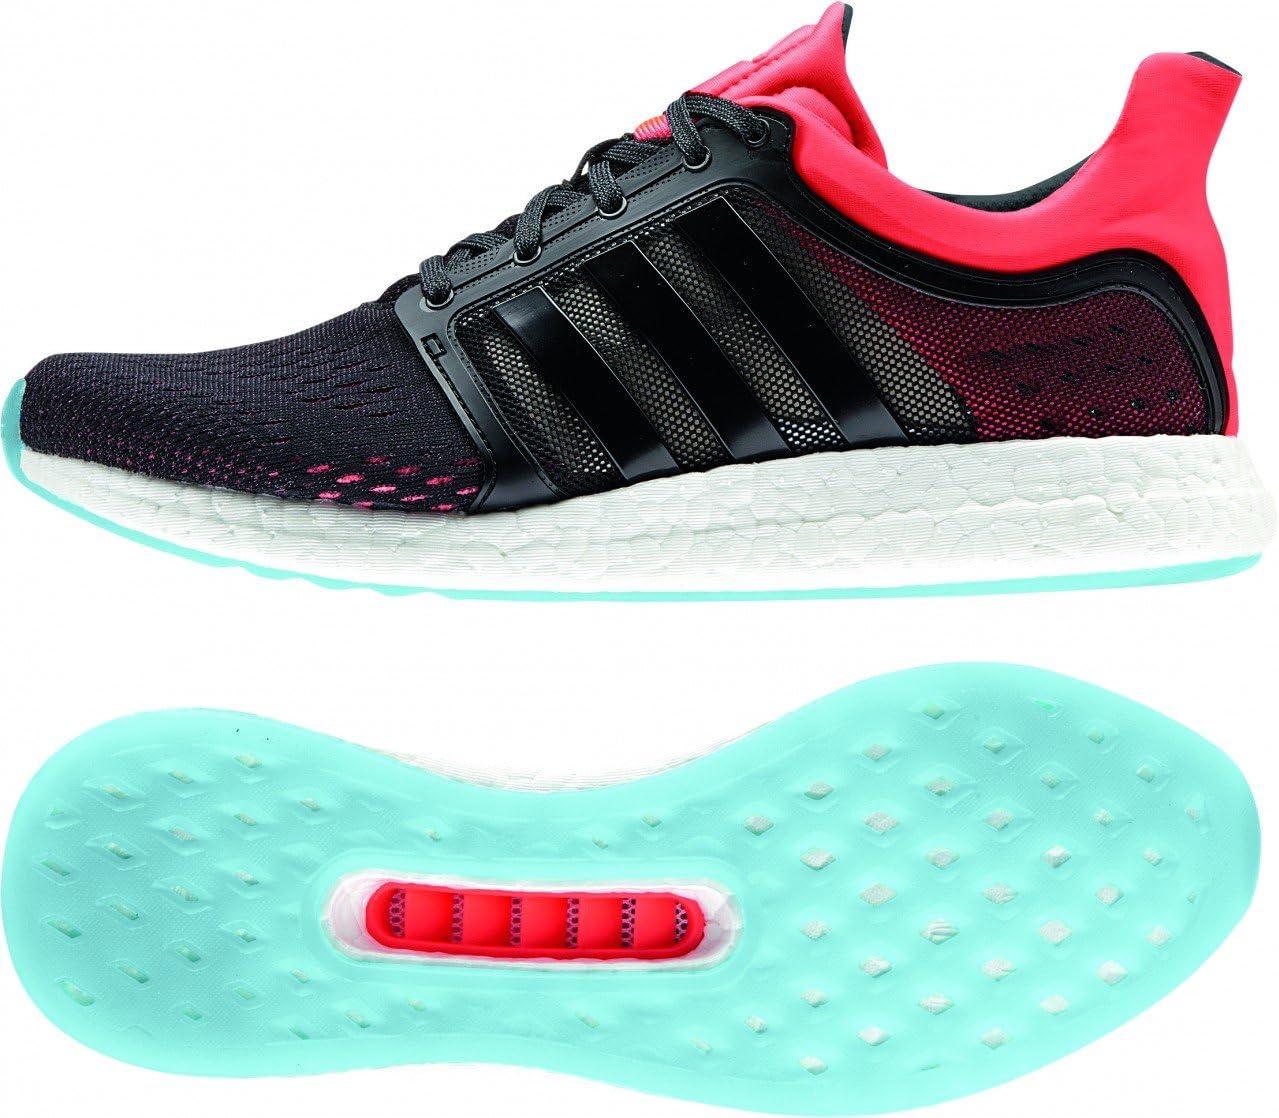 adidas Climachill CC Rocket Boost AQ5272 Running Walking Laufschuhe Women Damen